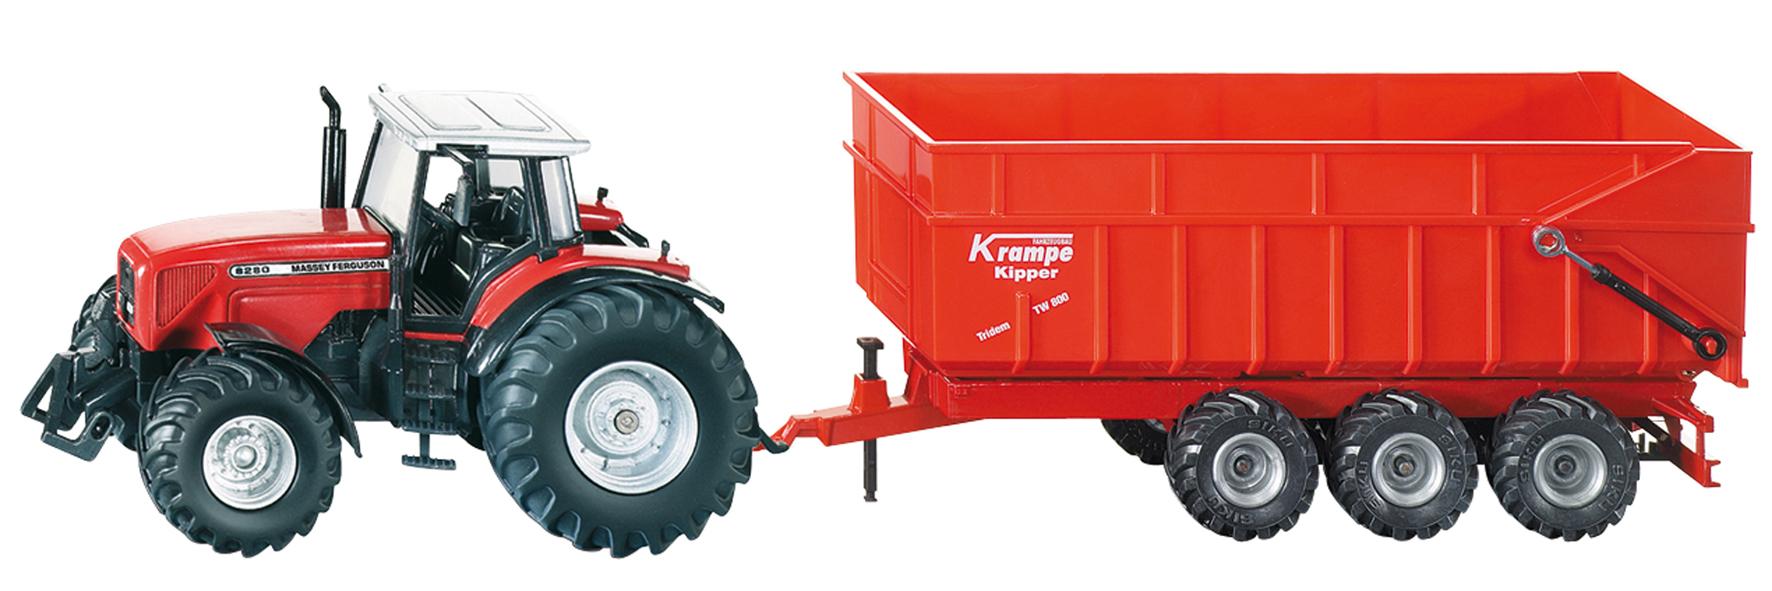 Massey ferguson tracteur avec remorque 3 essieux 1844 - Remorque tracteur enfant ...